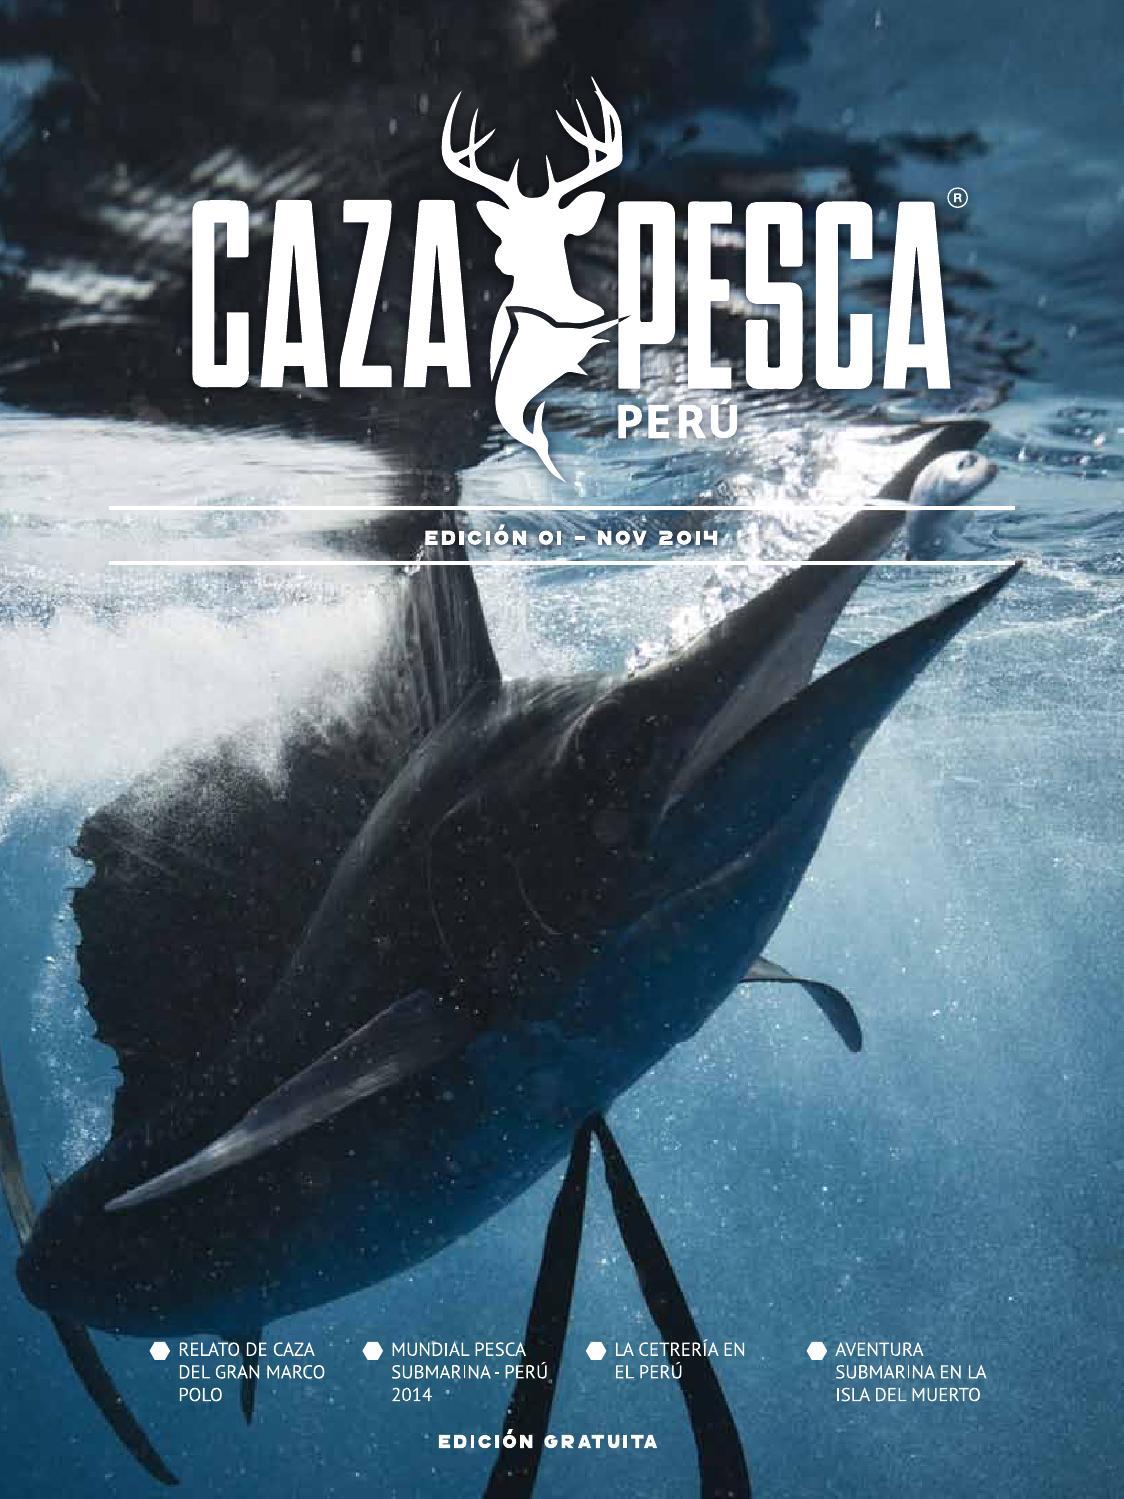 Caza y Pesca Perú 1era Edición by Caza y Pesca Perú - issuu